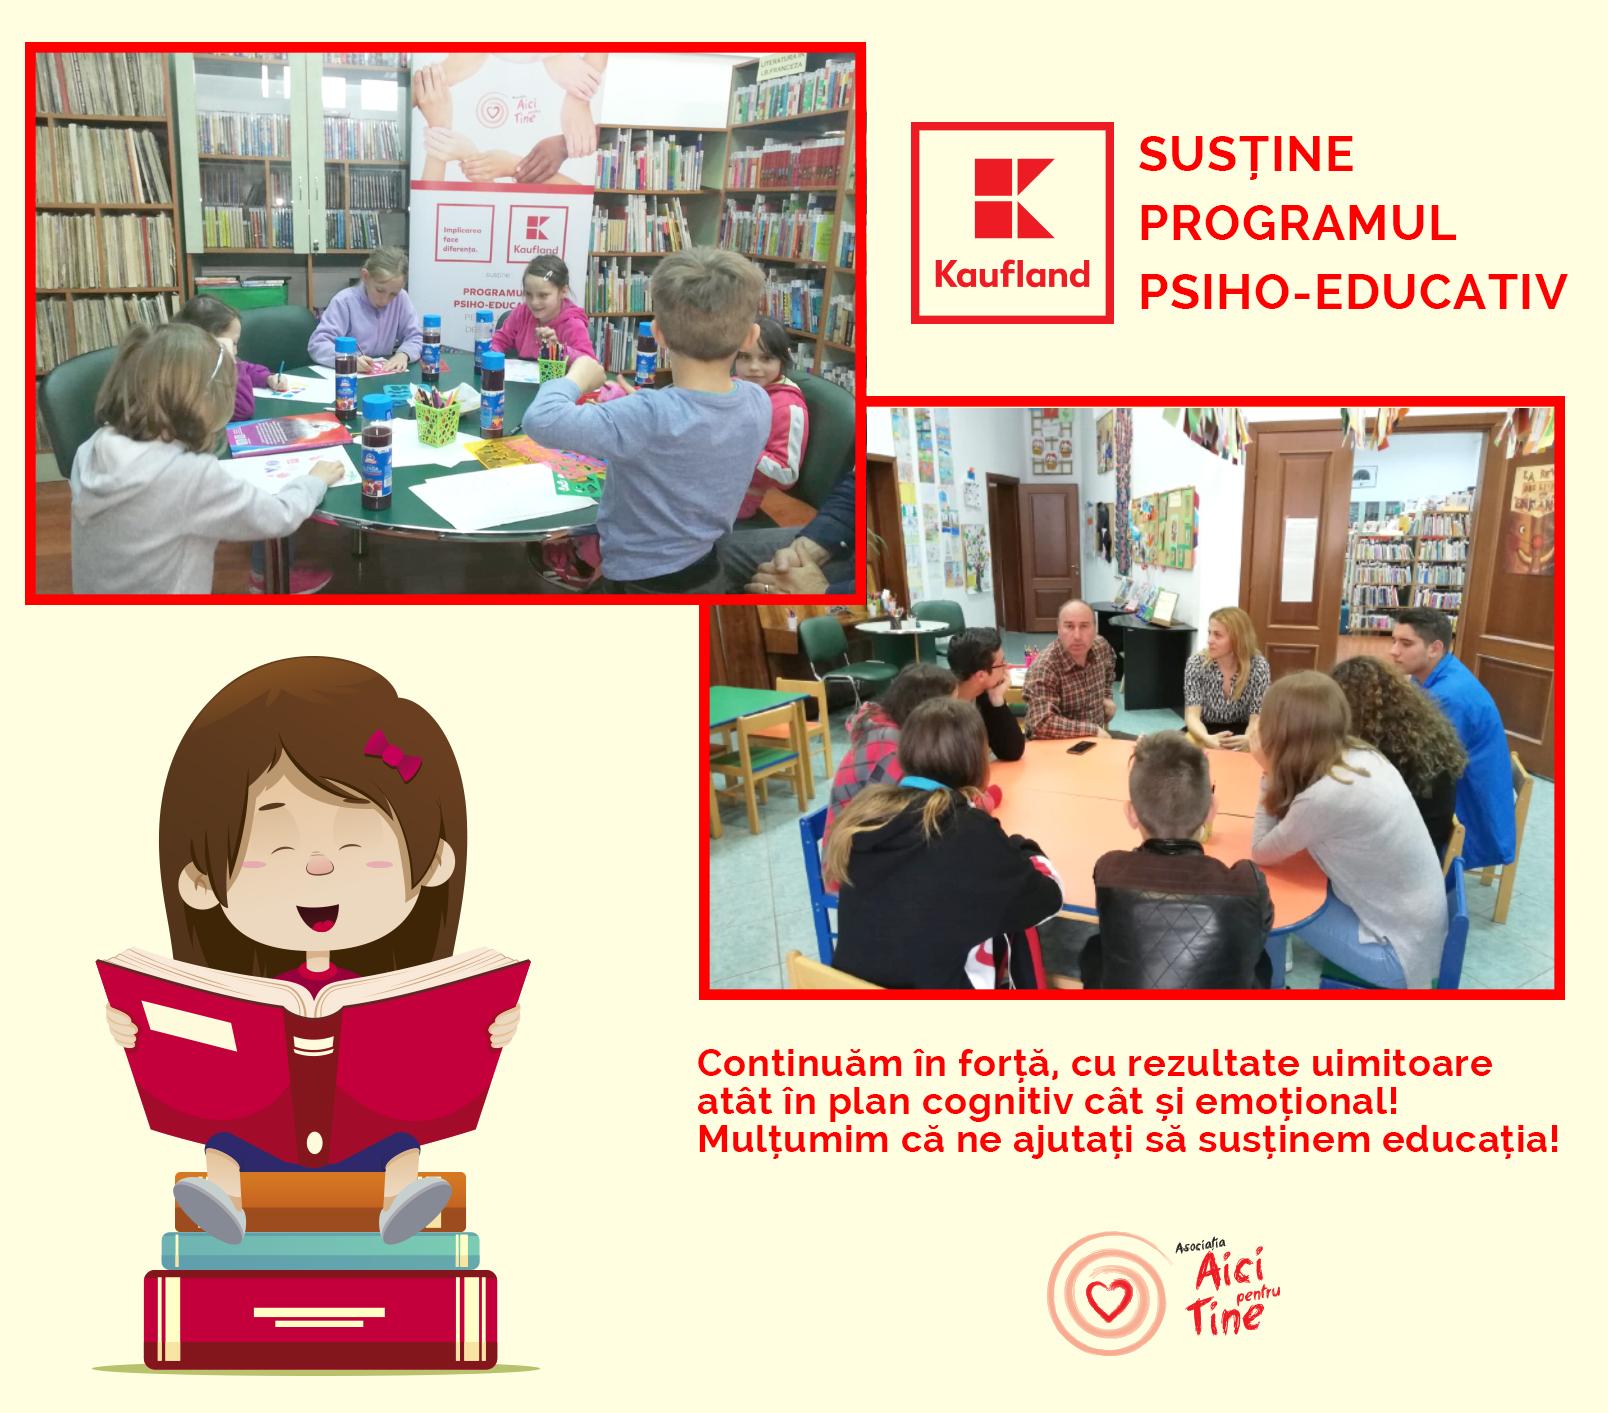 Programul psiho-educativ al asociației pentru copii între 6 și 18 ani